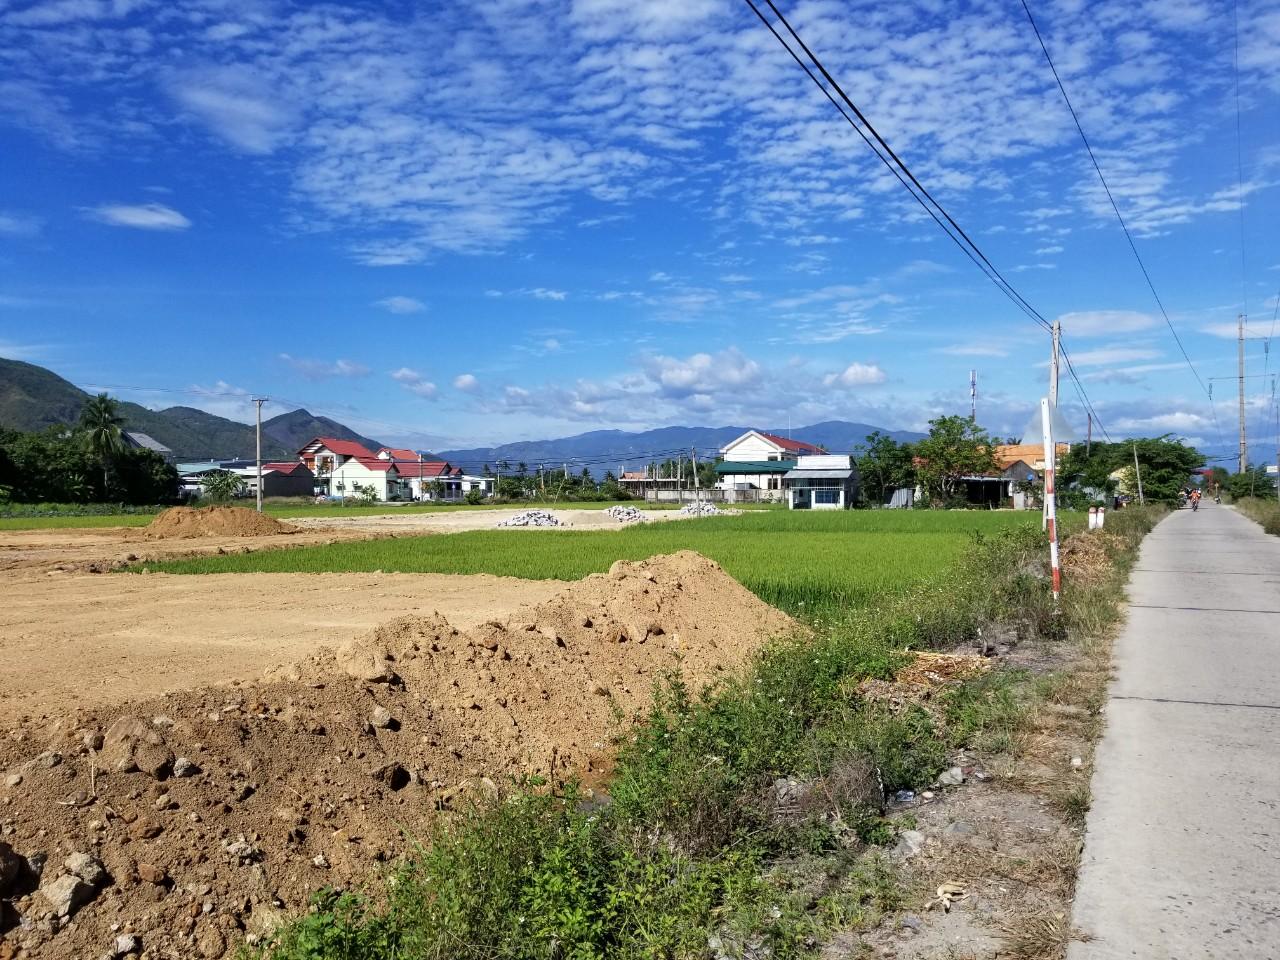 Sau khi được đổ đất và cải thiện hạ tầng, chuyển mục đích sử dụng đất, những thửa ruộng này sẽ trở thành đất thổ cư